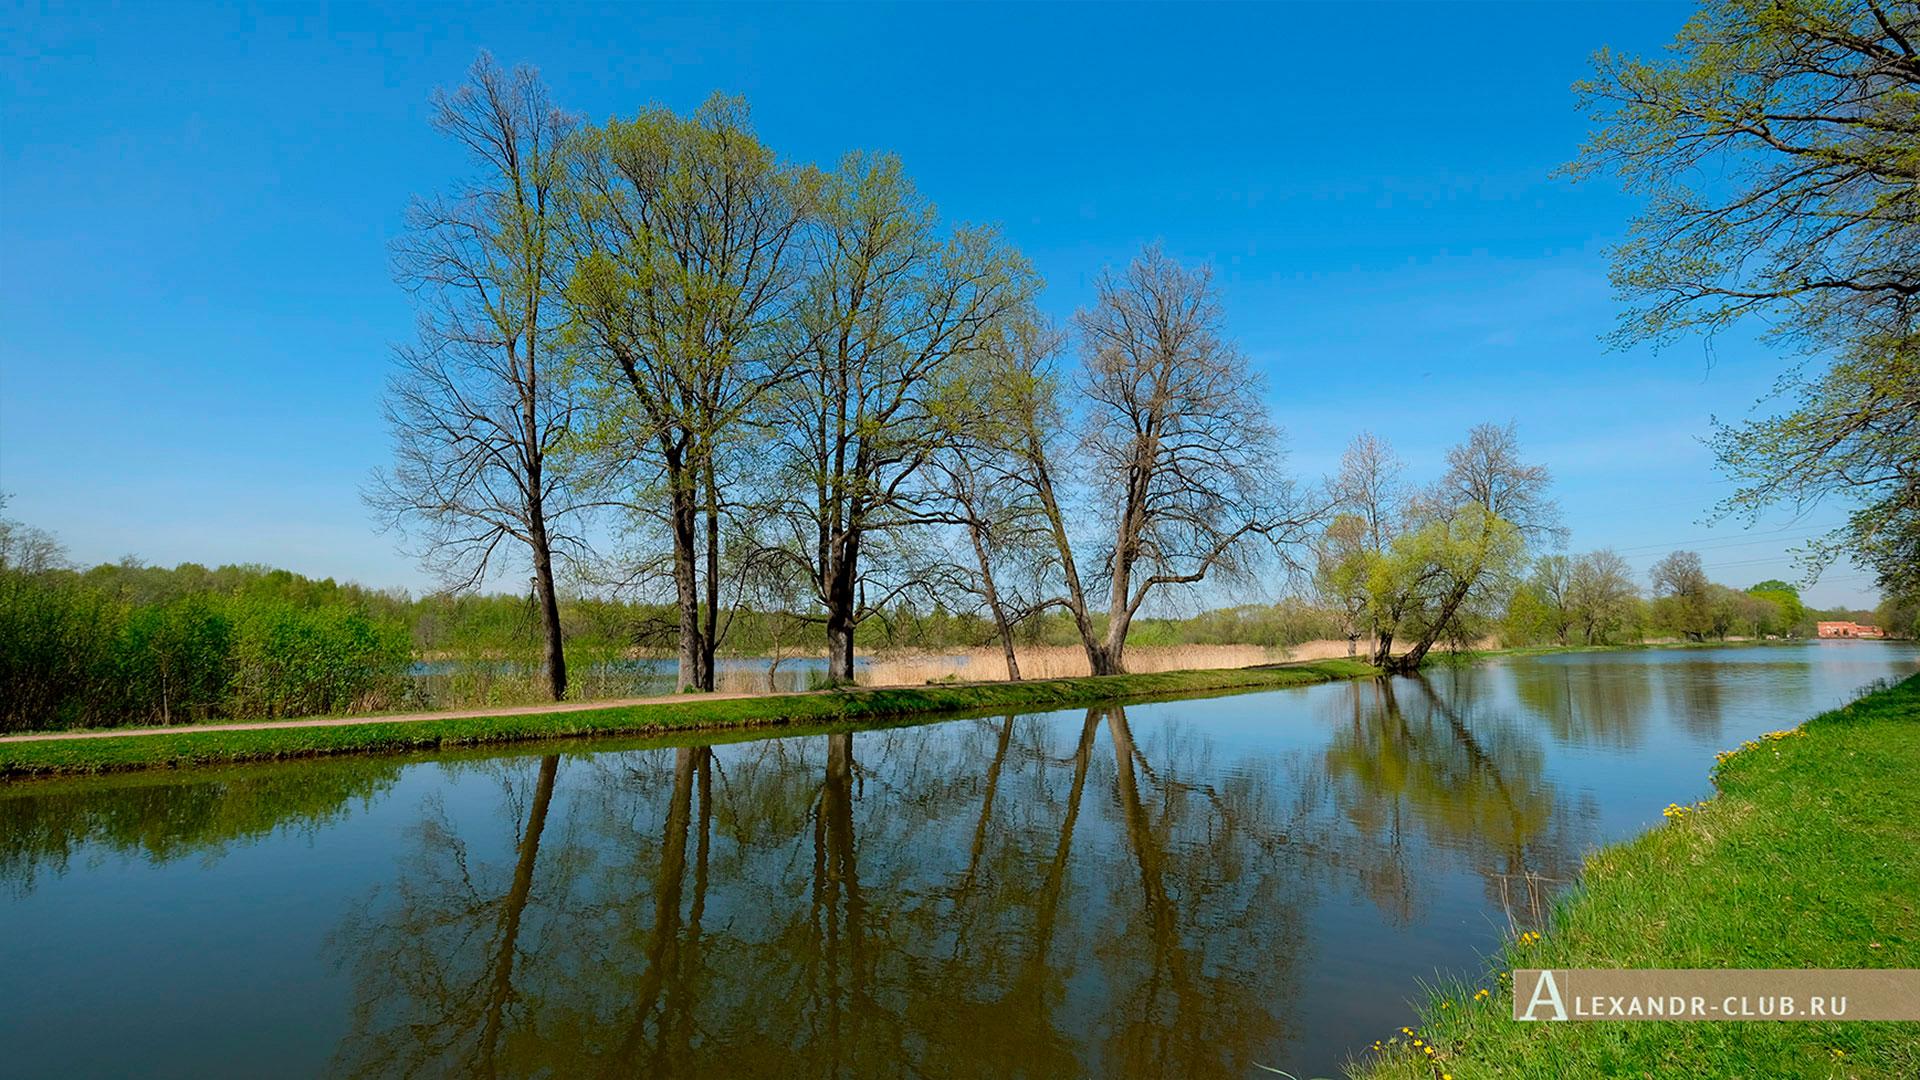 Петергоф, Луговой парк, весна, Старопетергофский канал – 2